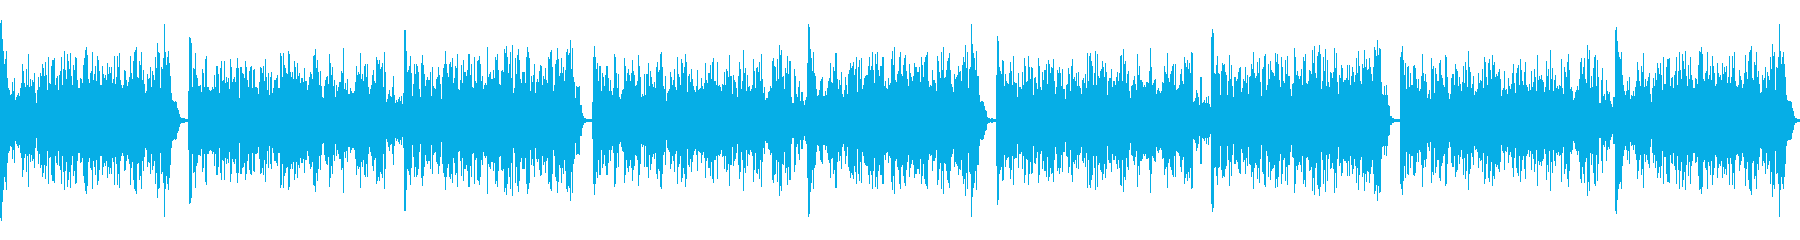 ROGUE ANDROID WAL...の再生済みの波形